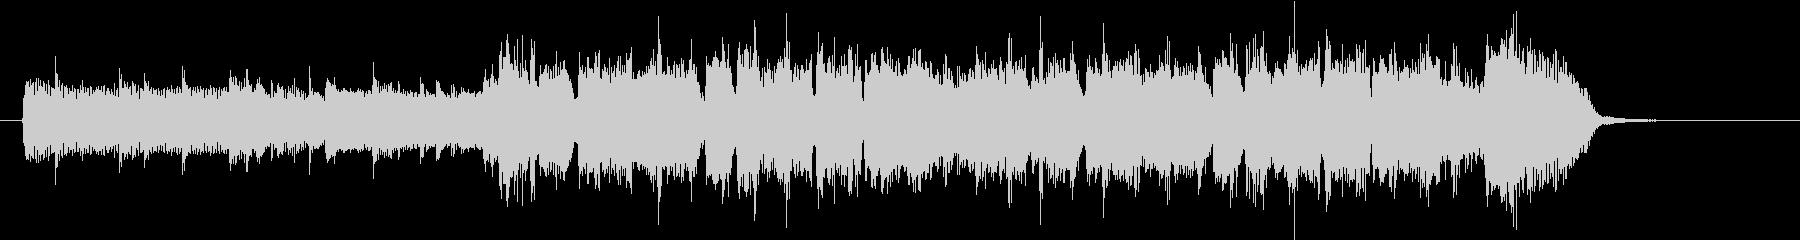 クールなバンド風のEDMのジングルの未再生の波形